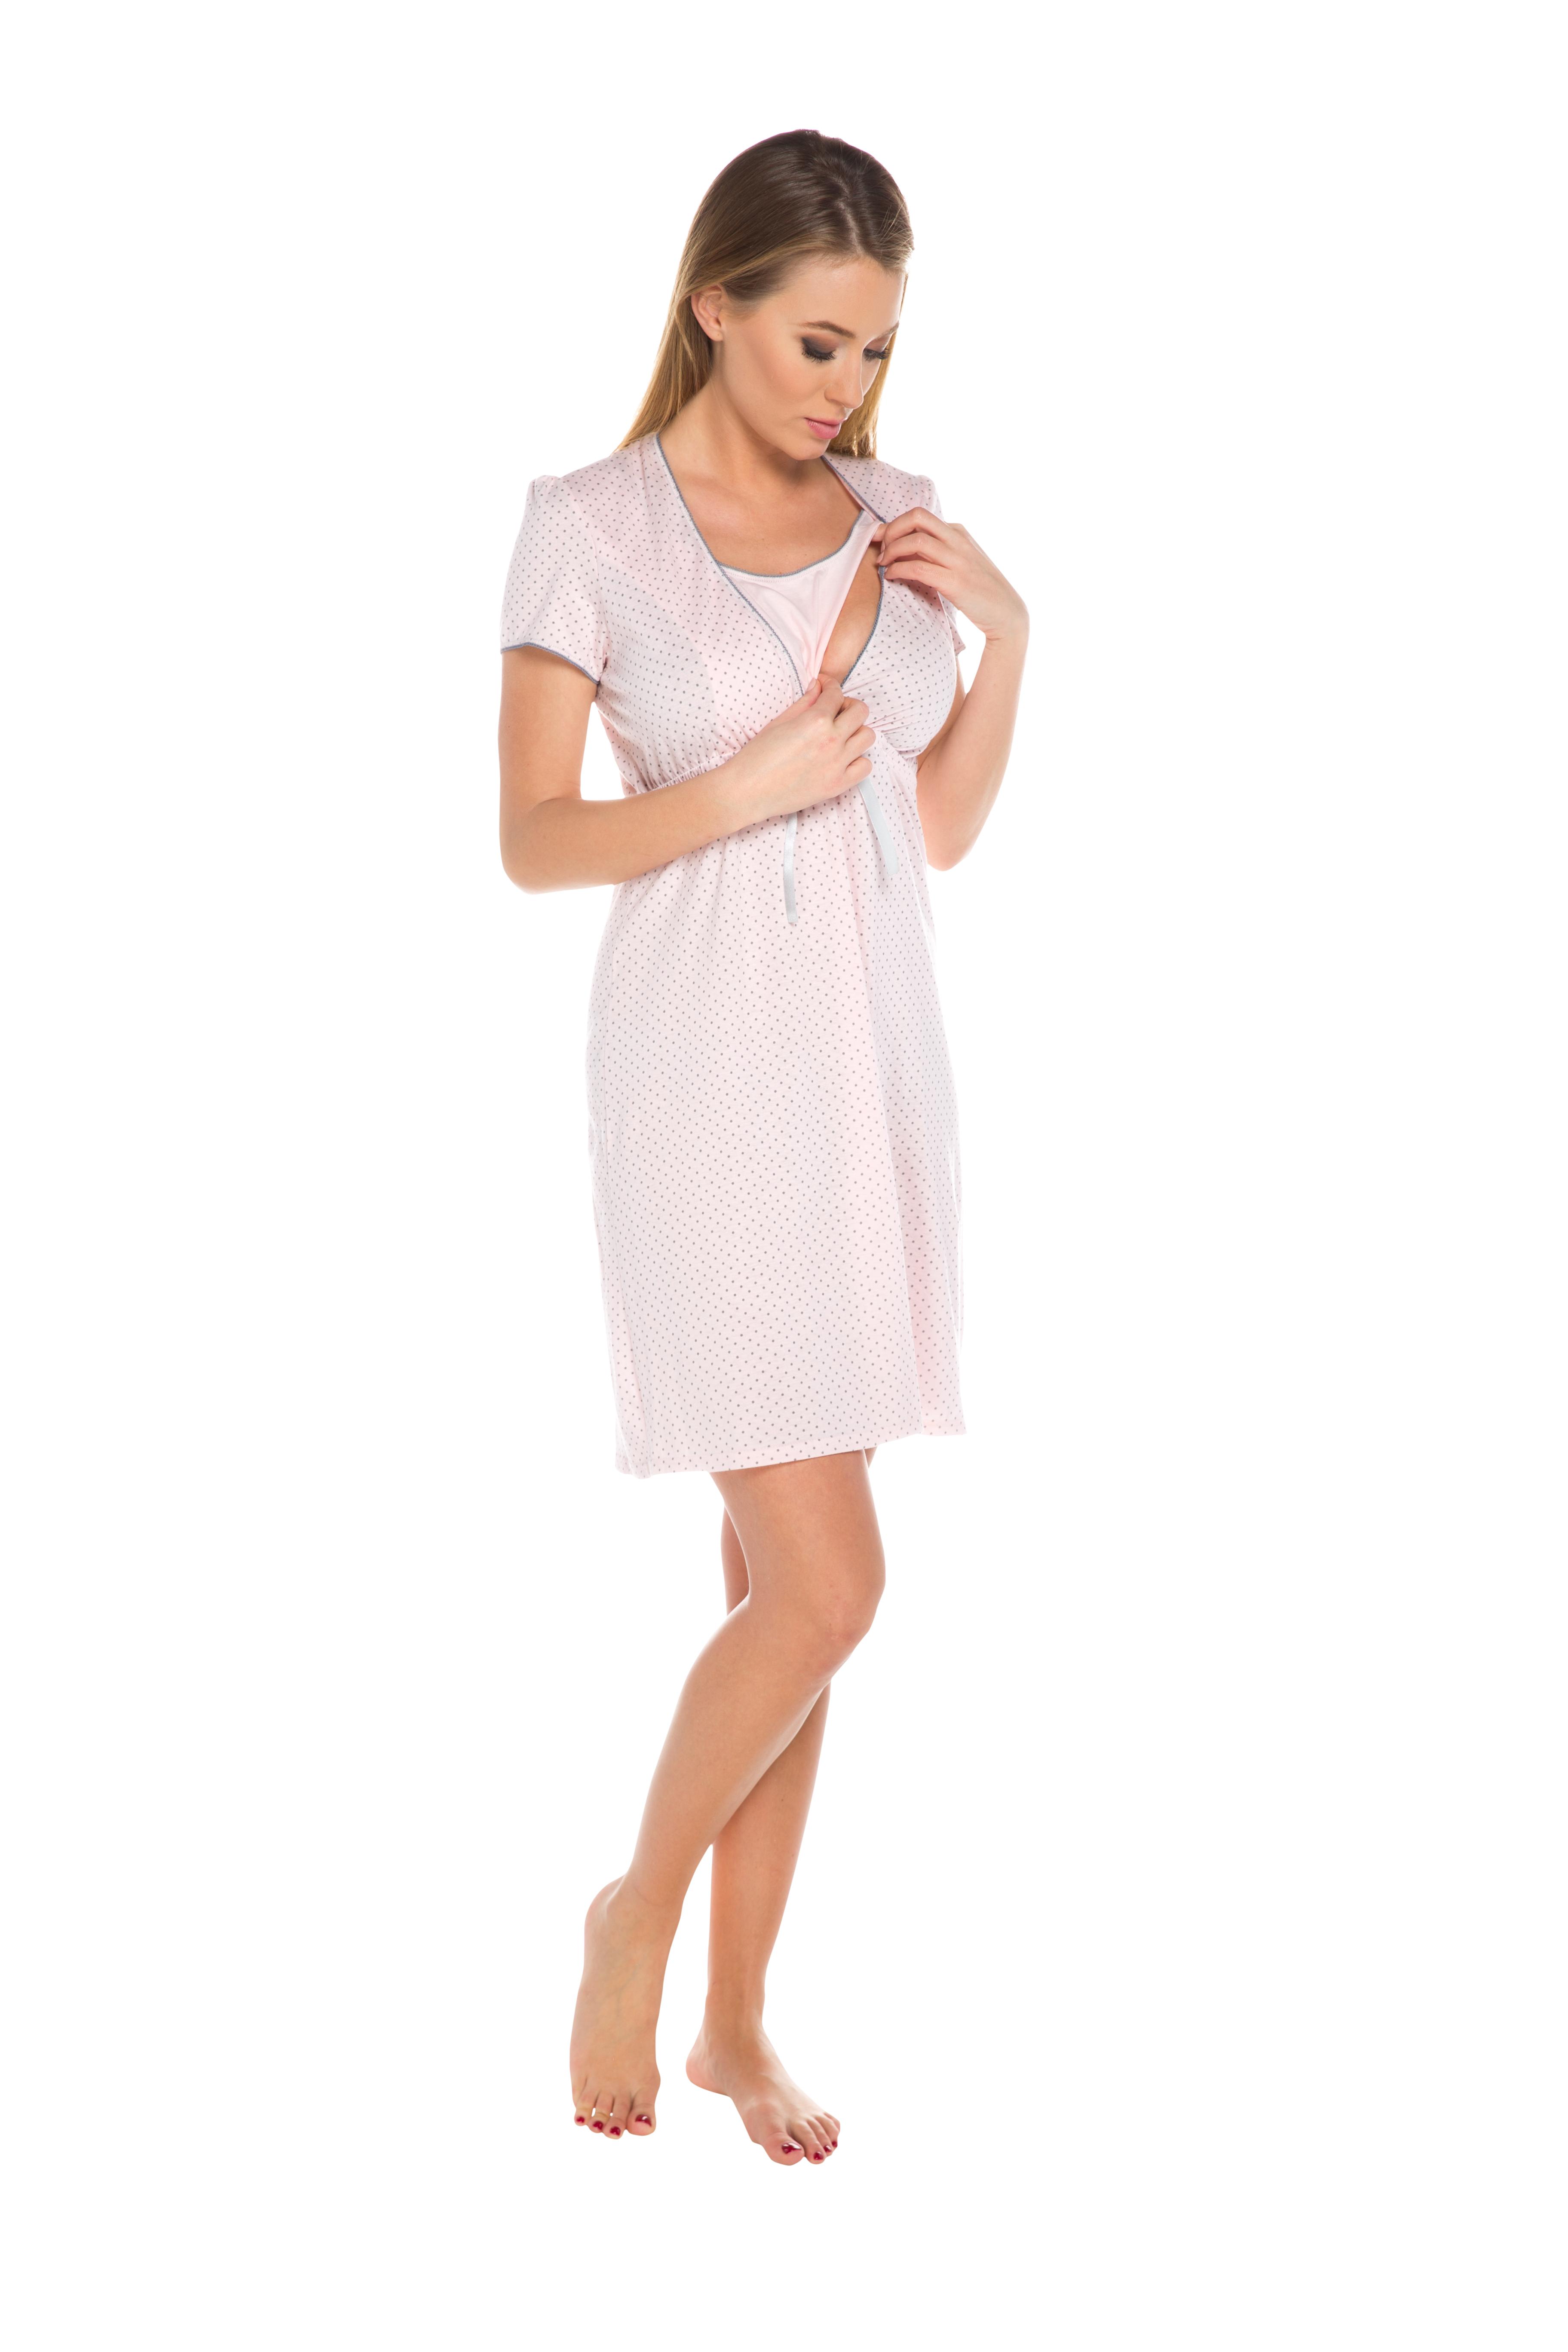 b12a8930bfba51 Koszula nocna Italian Fashion Felicita krótki rękaw